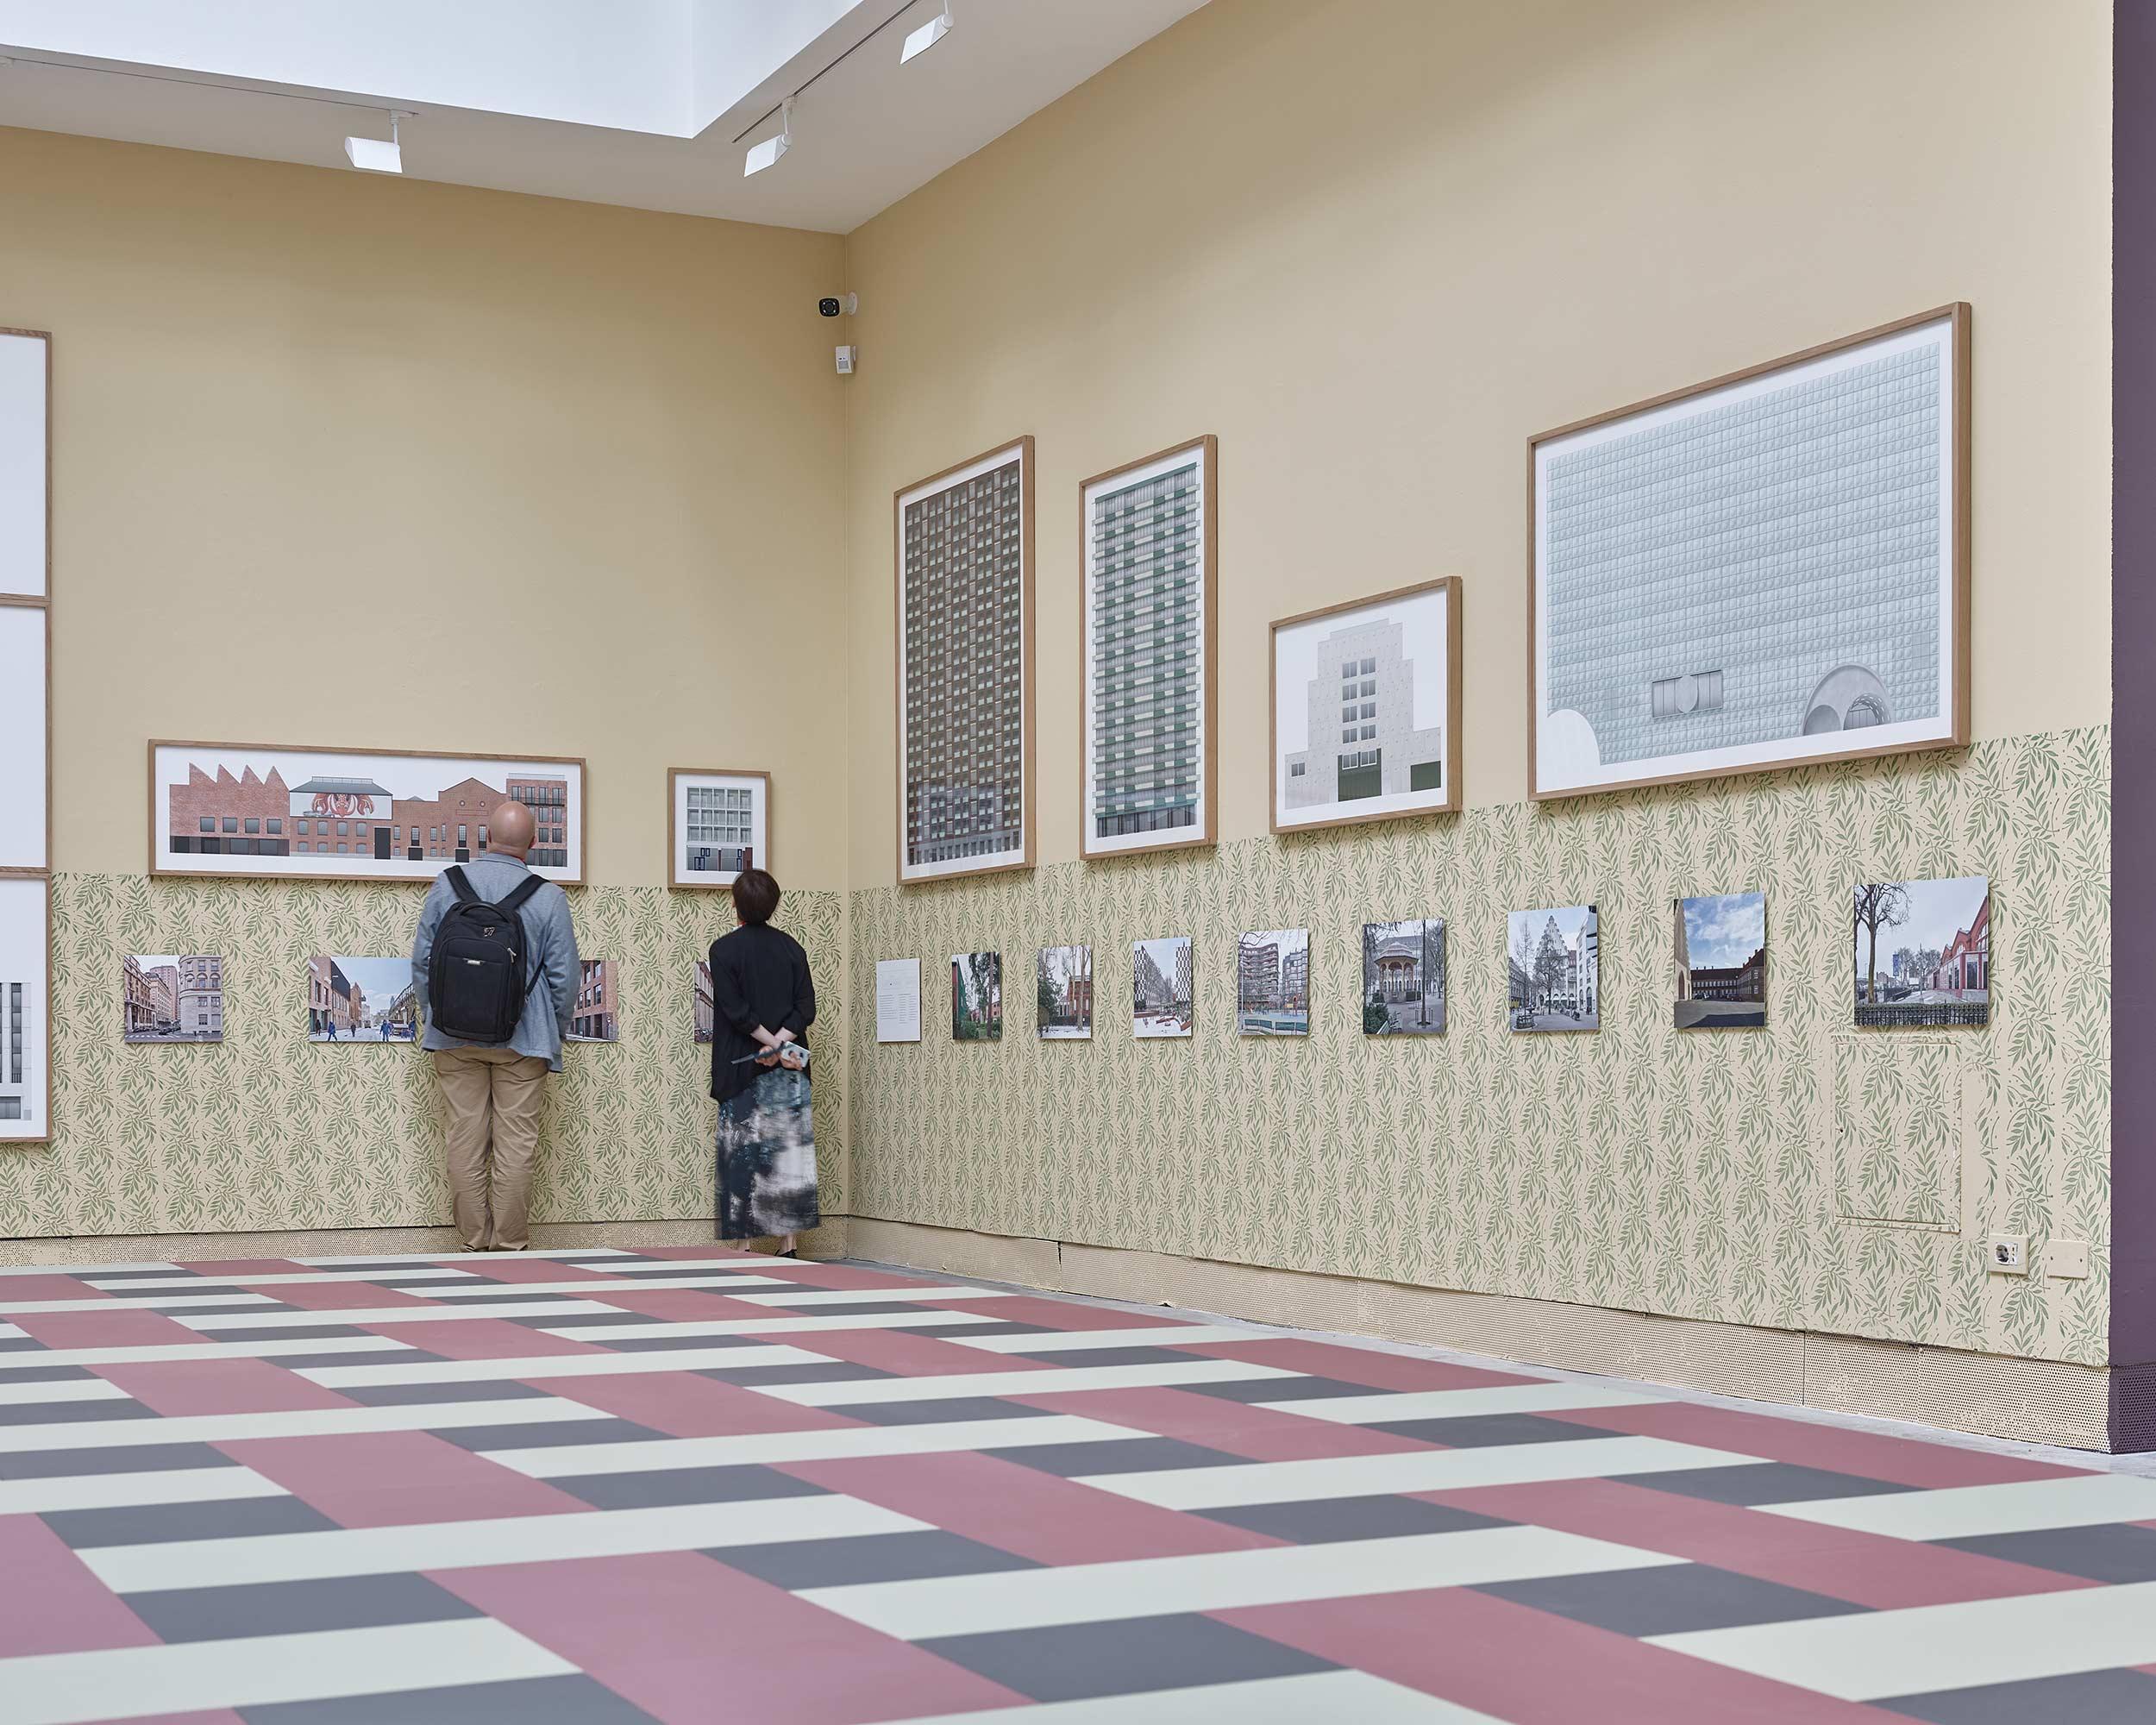 Architekturbiennale Venedig 2018  370/9